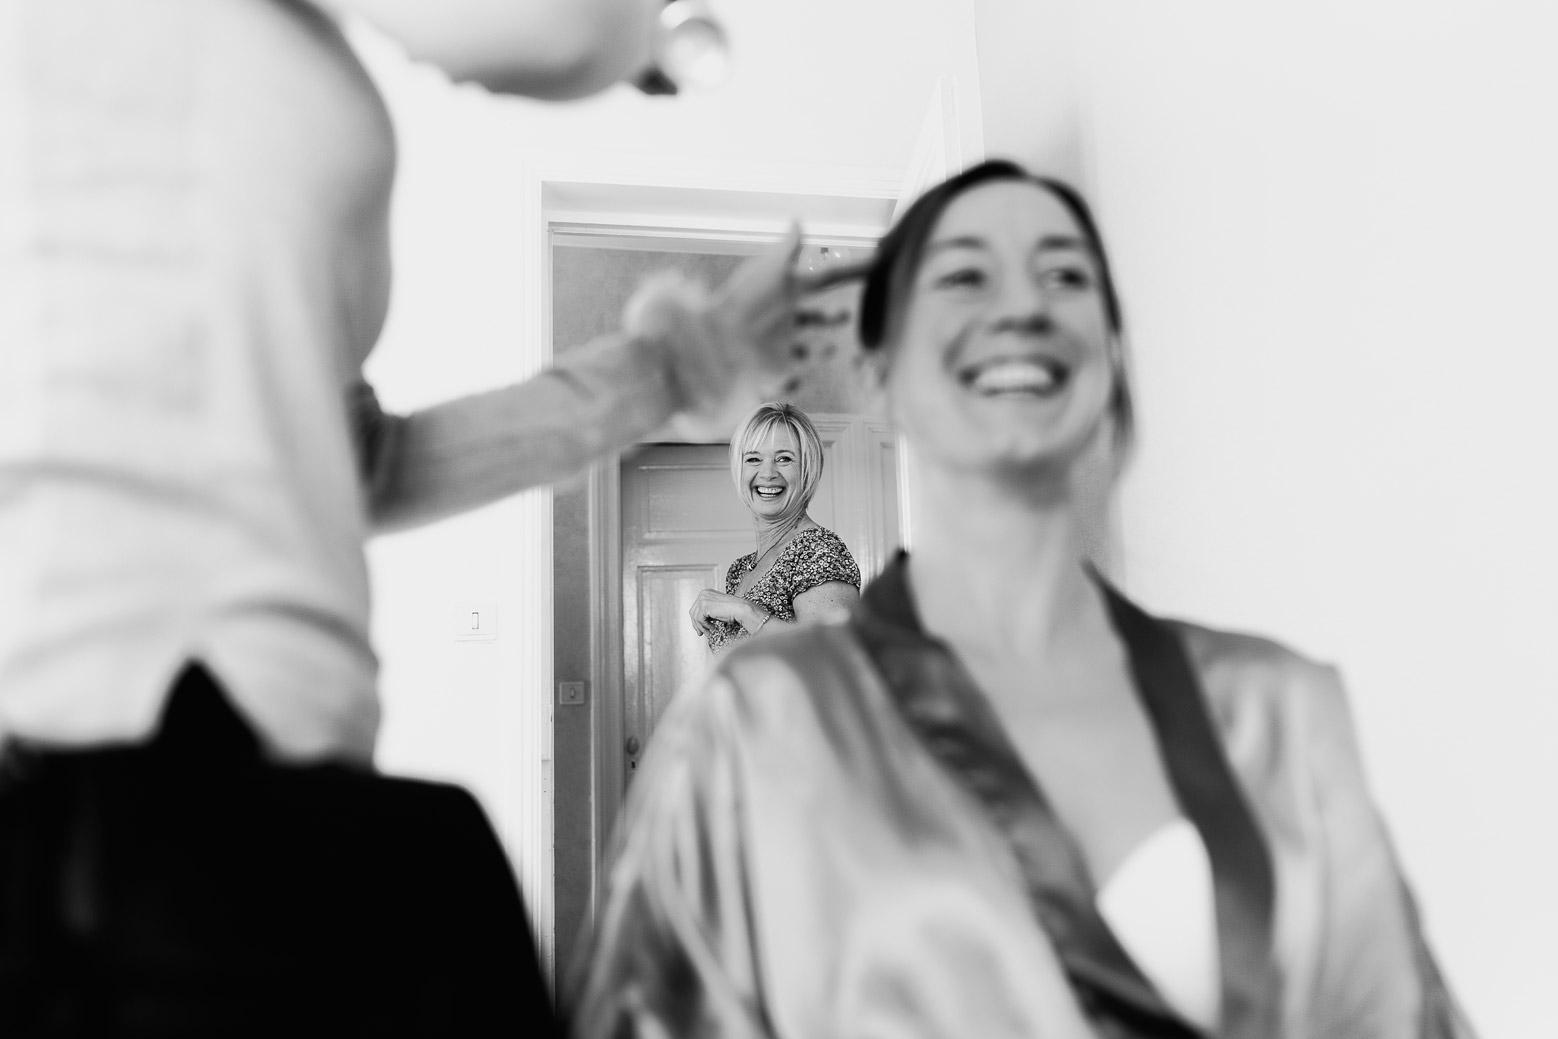 Hotel Royal Saint Mart Royat Clermont Ferrand La maman de la mariée voit sa fille se faire coiffer